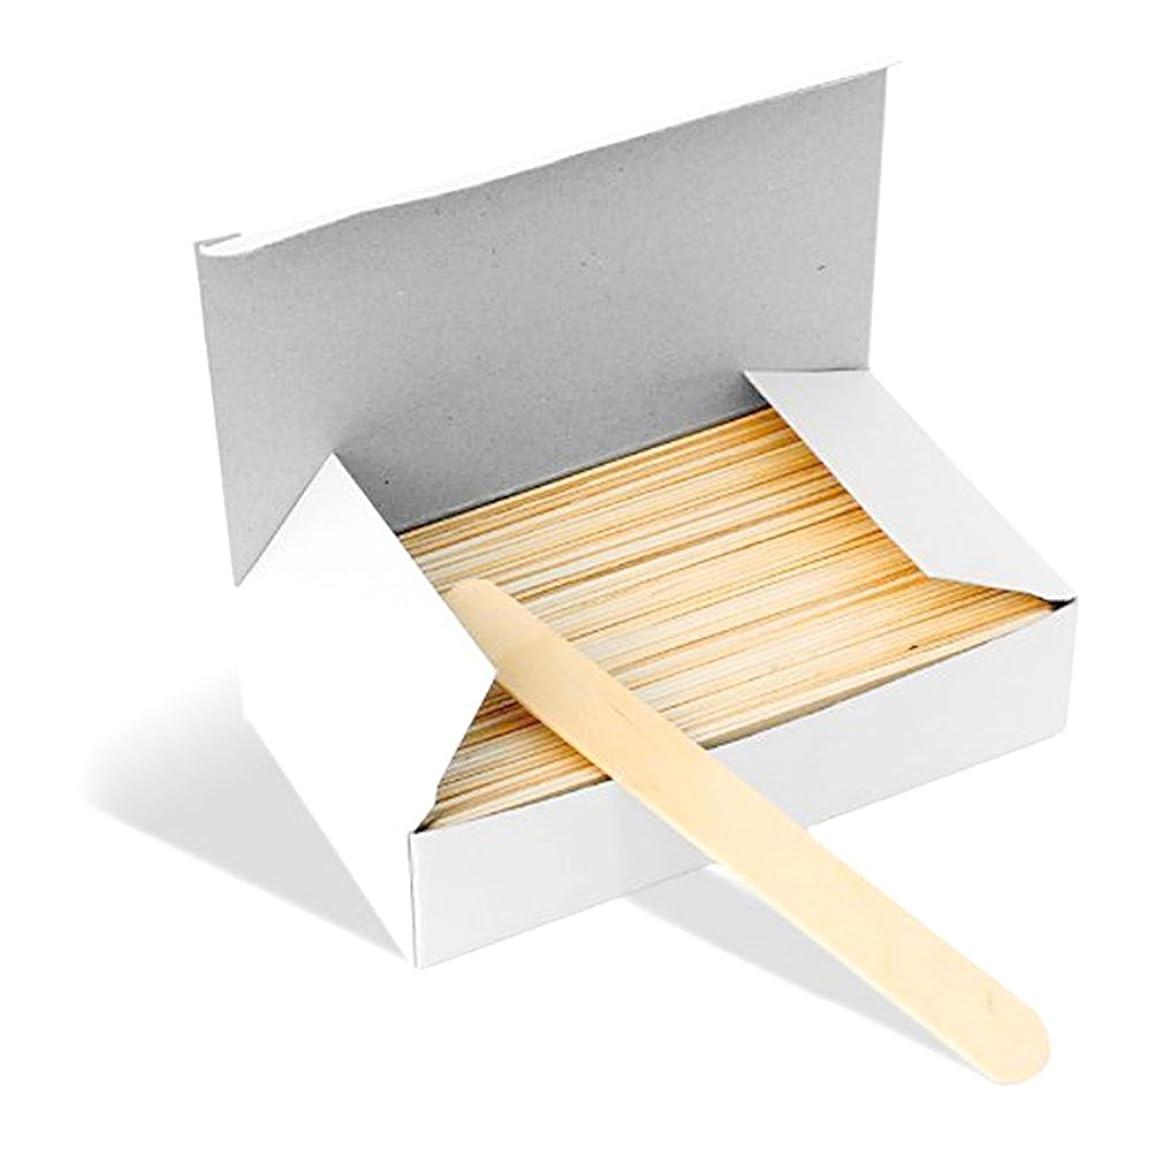 すごい推定する贈り物ROSENICE 舌圧子 使い捨て 舌圧迫器 ディスポーザブル 業務用木製 消毒済 100本入り